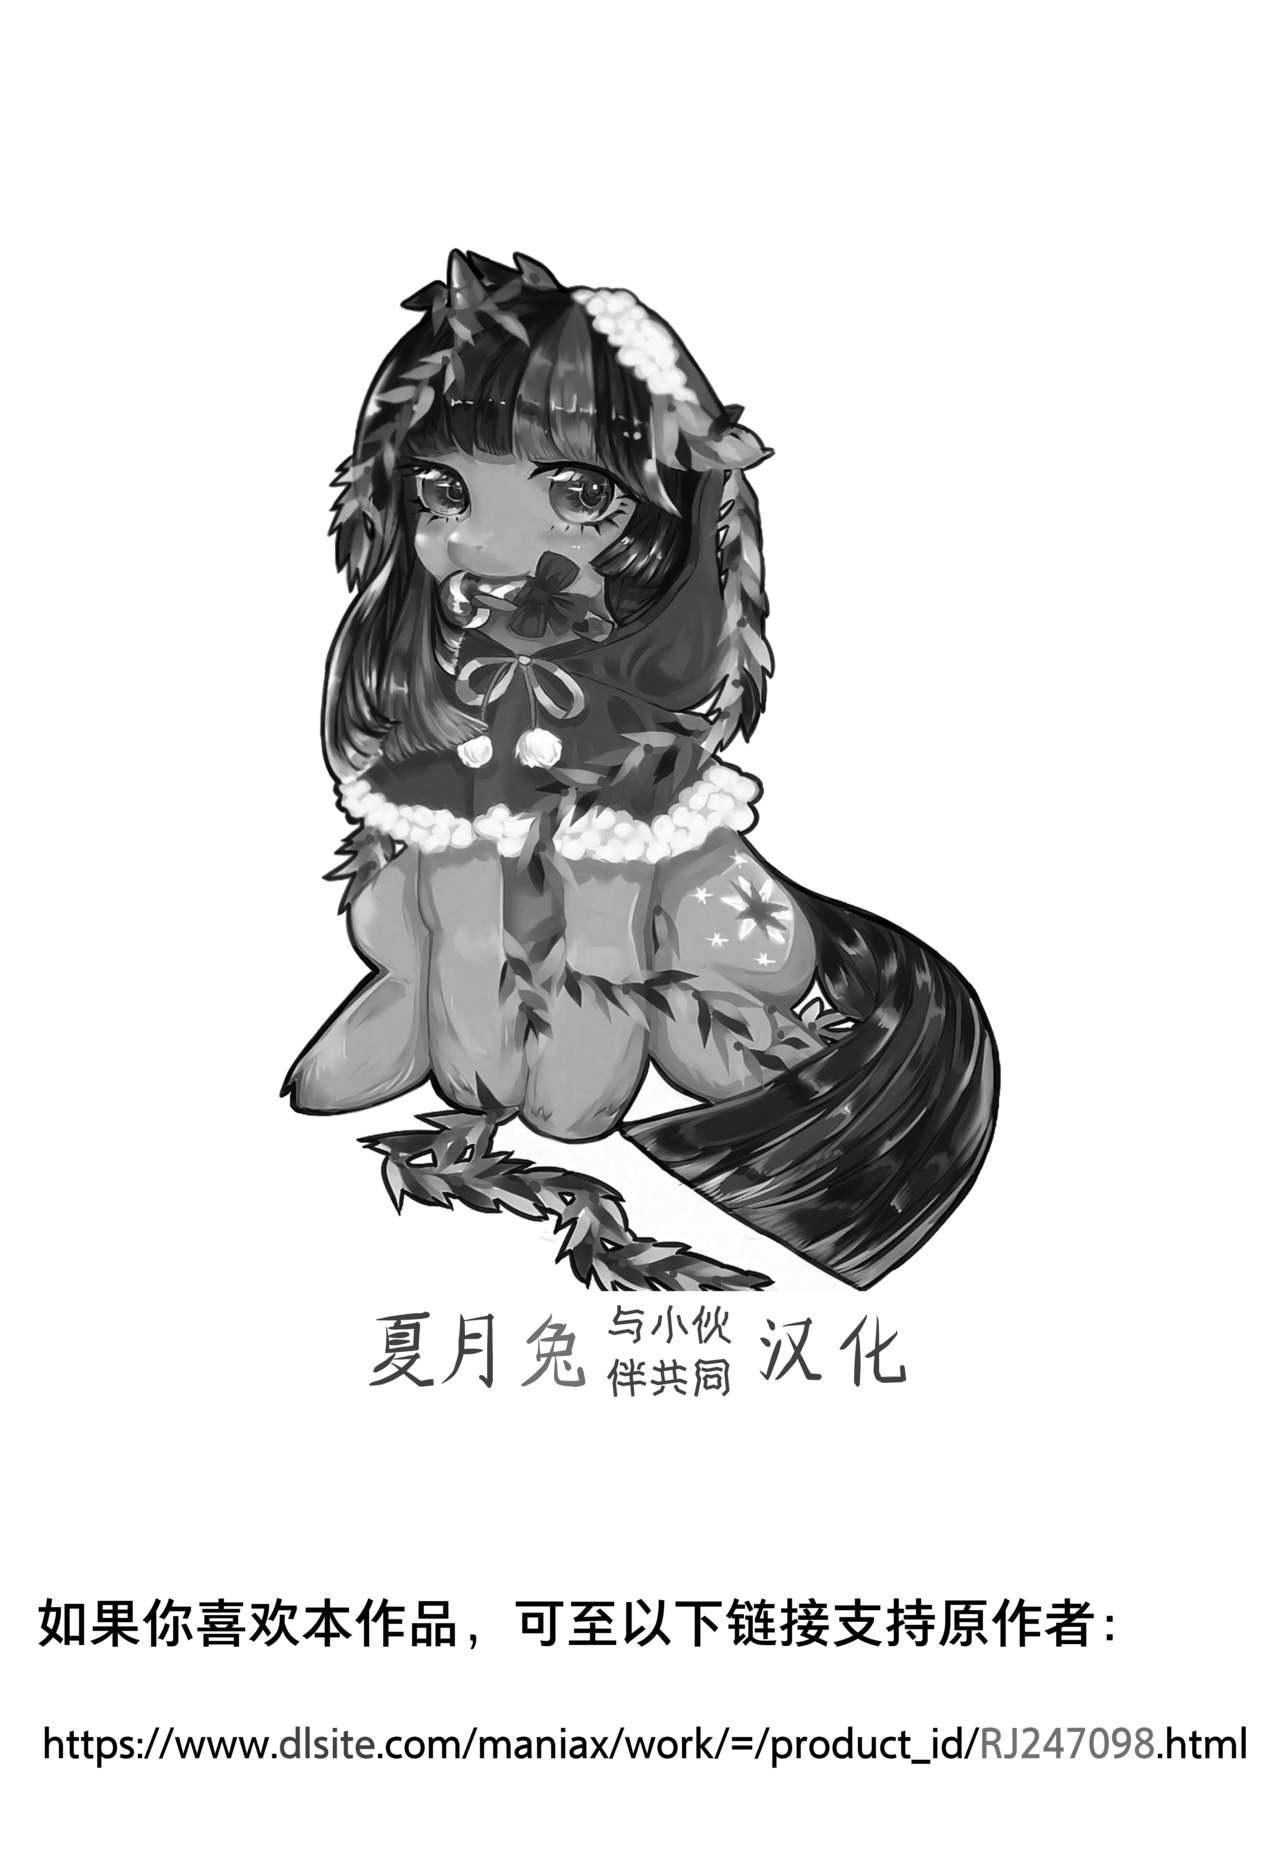 Fueburun kyodai 8